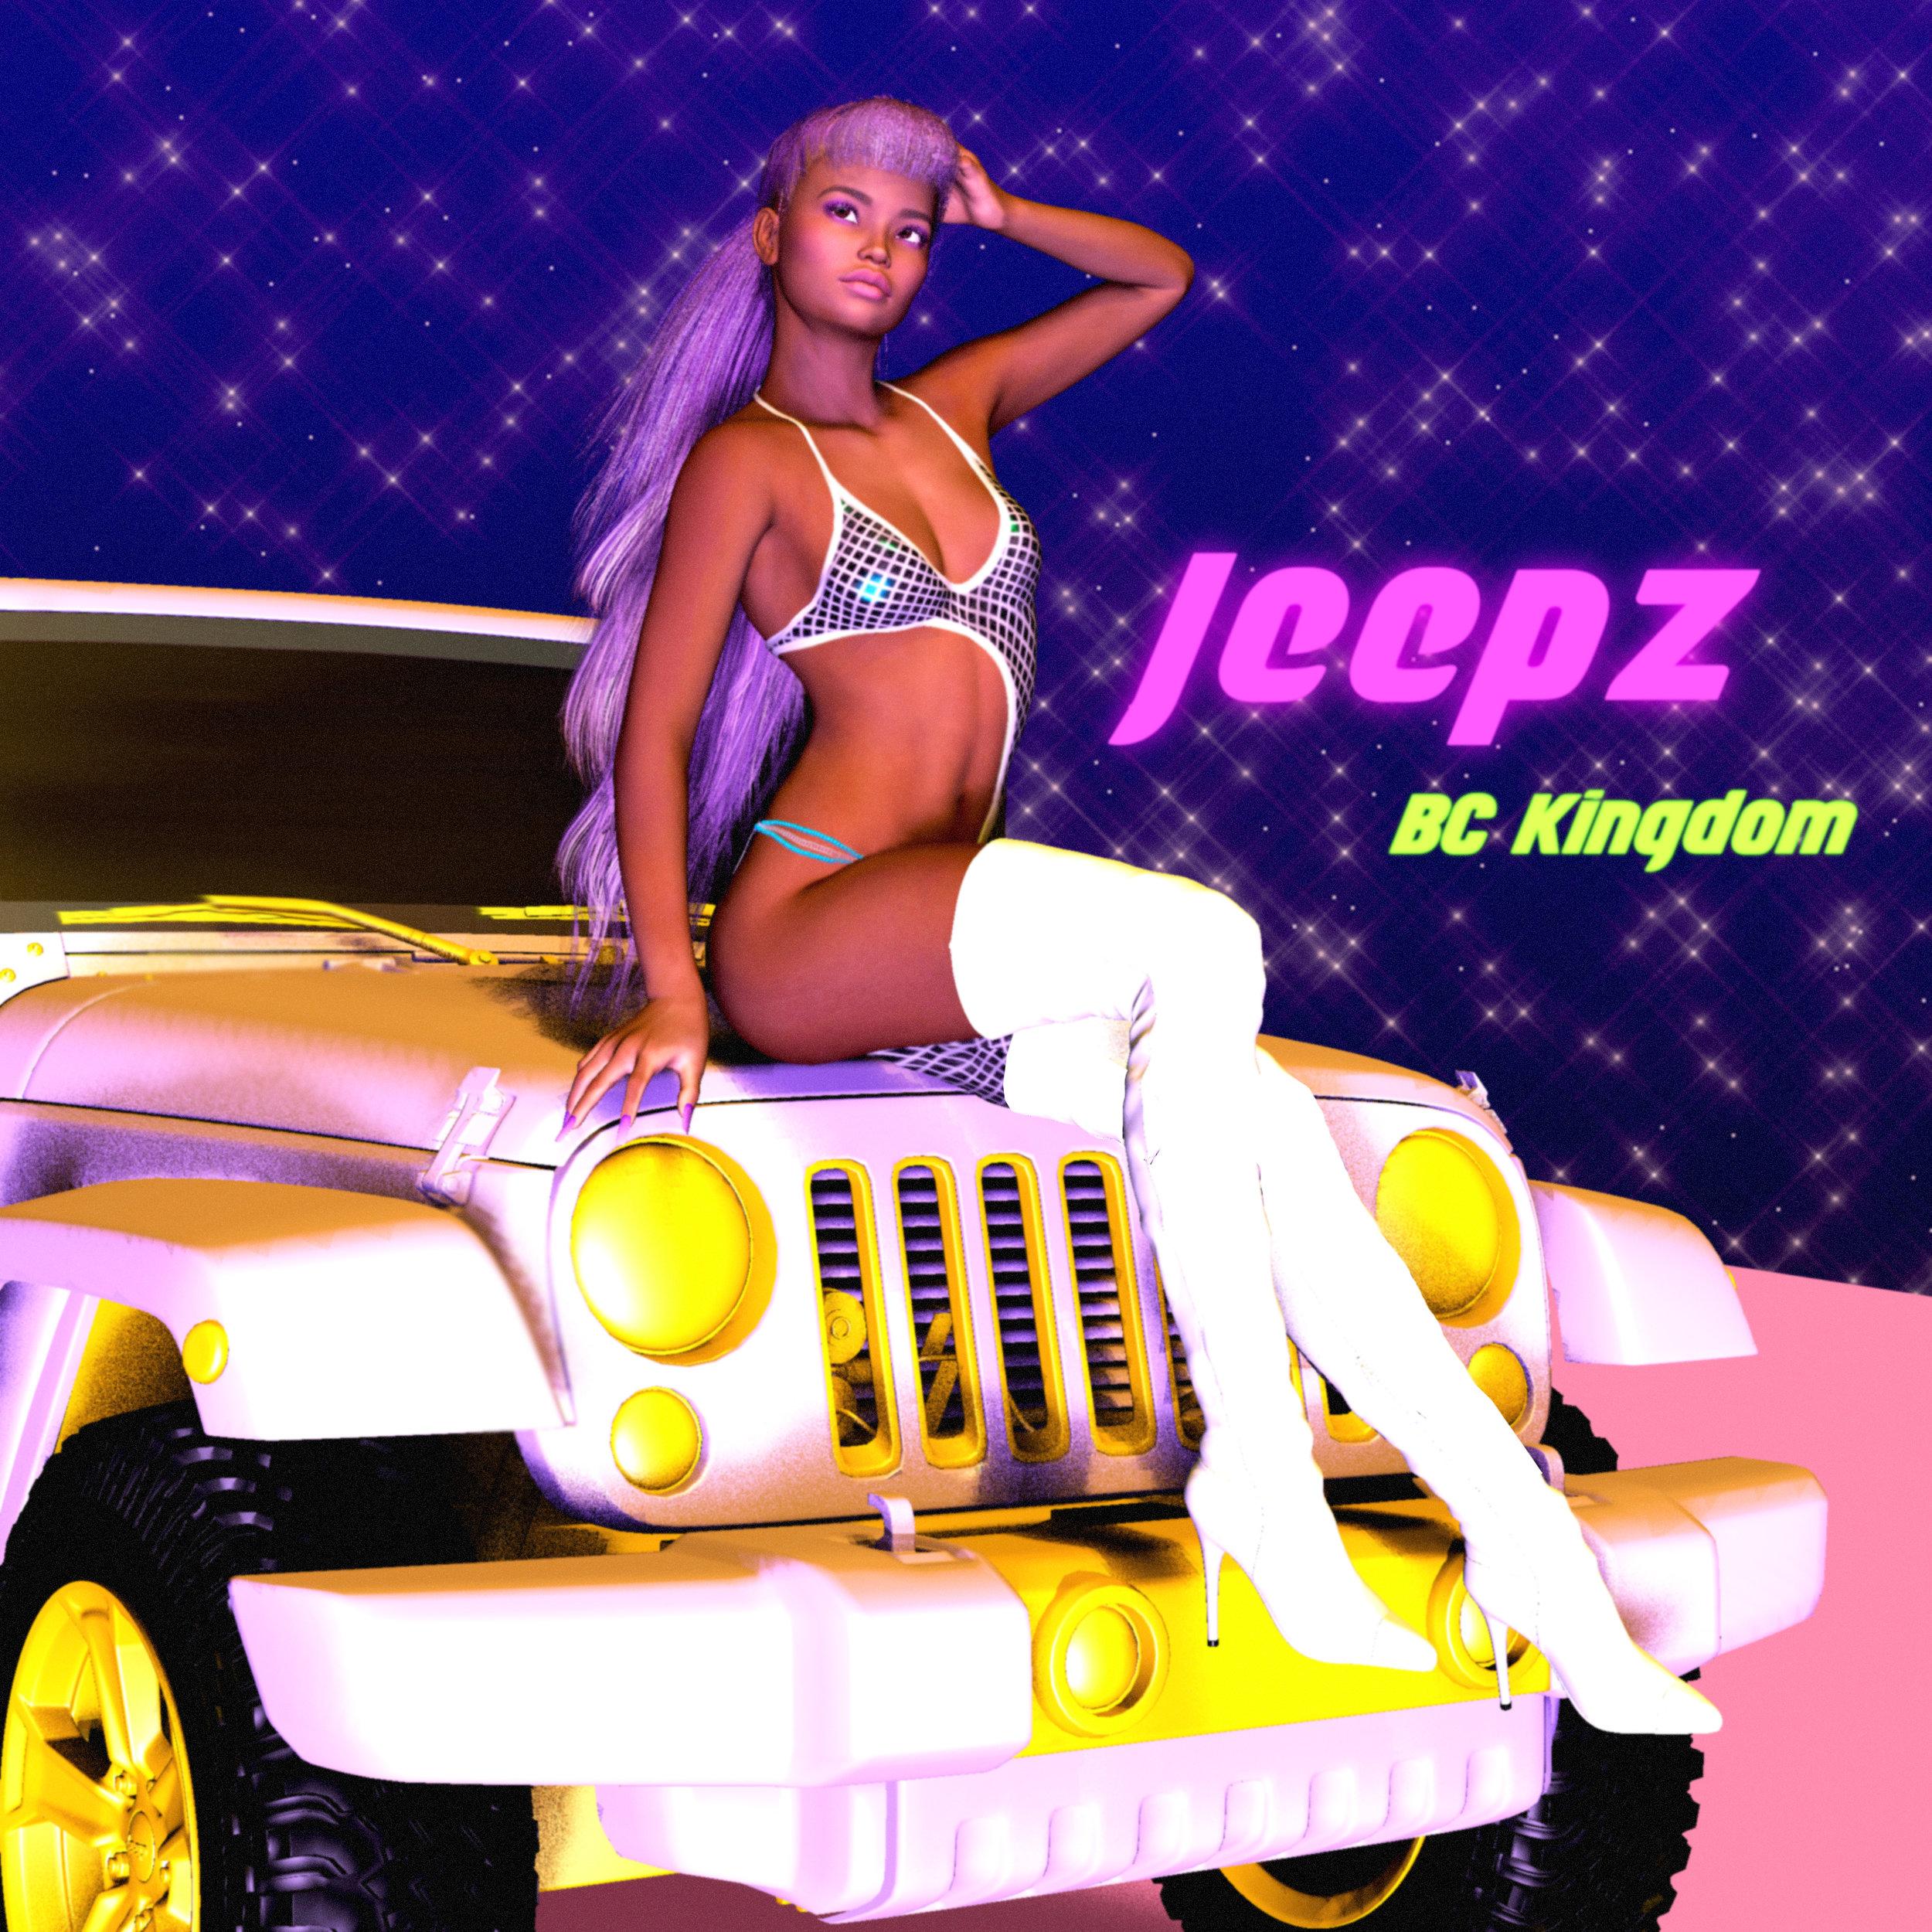 Jeepz_v2 (1).jpg